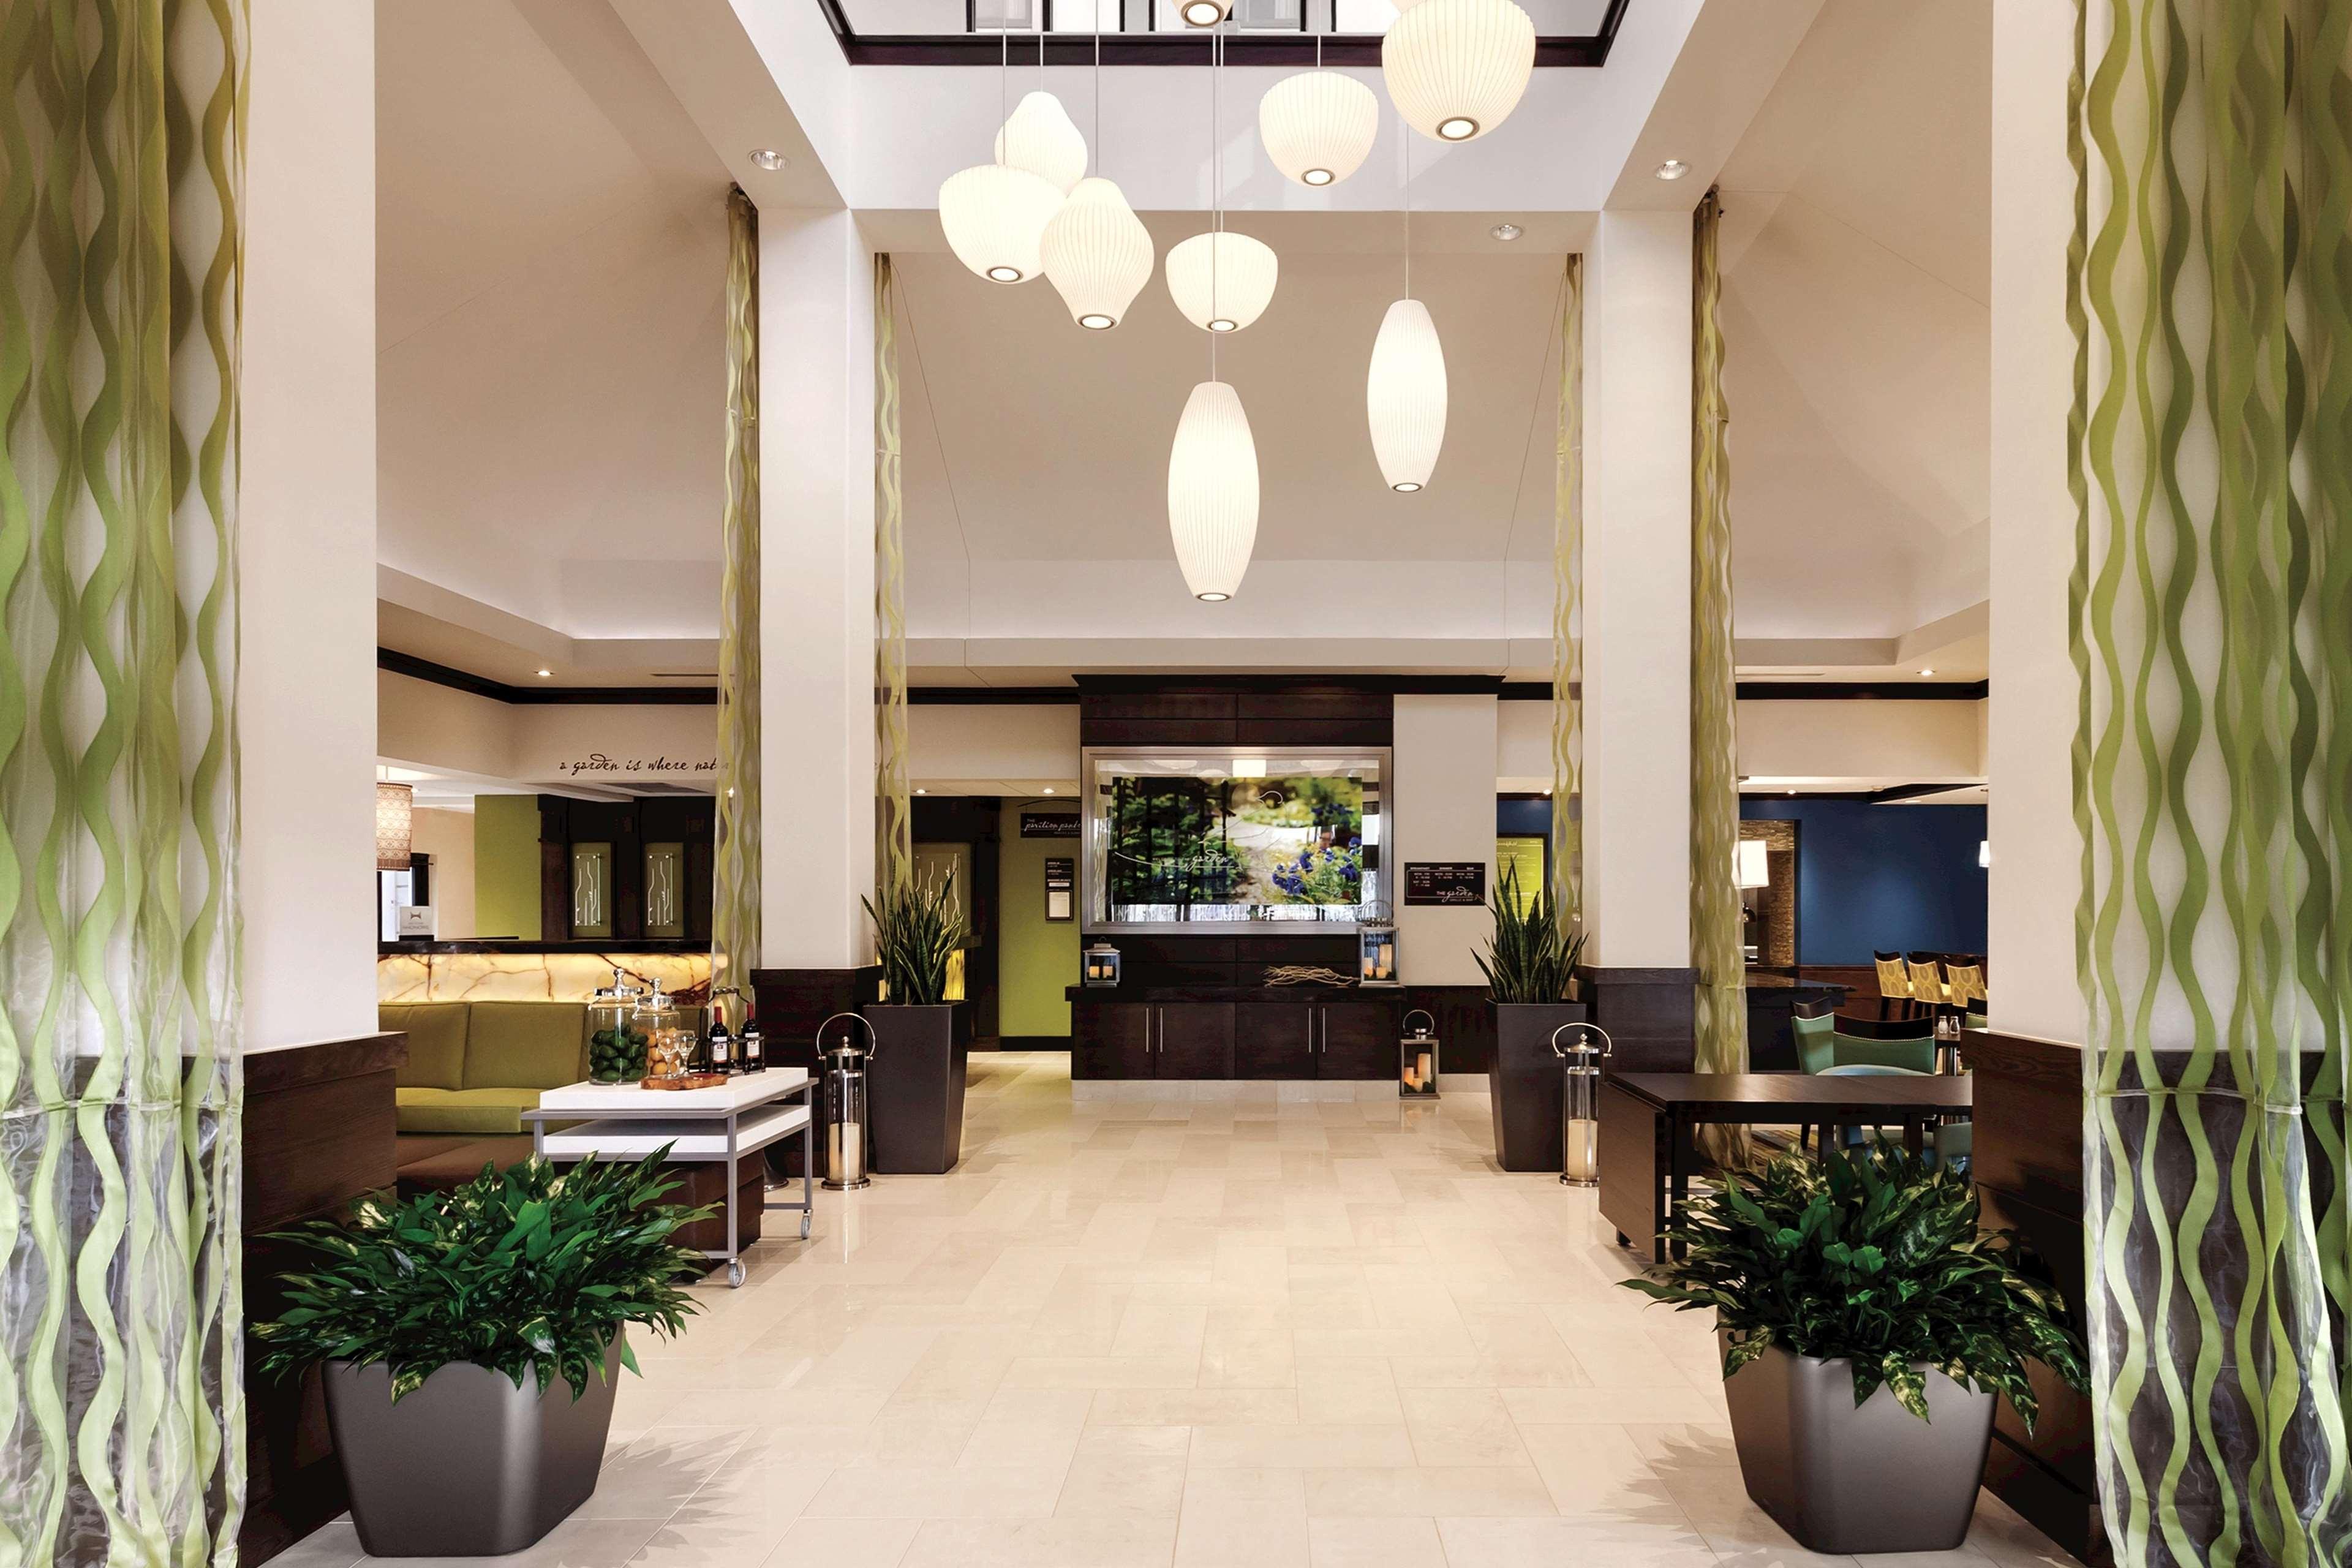 Hilton Garden Inn Houston NW/Willowbrook image 11